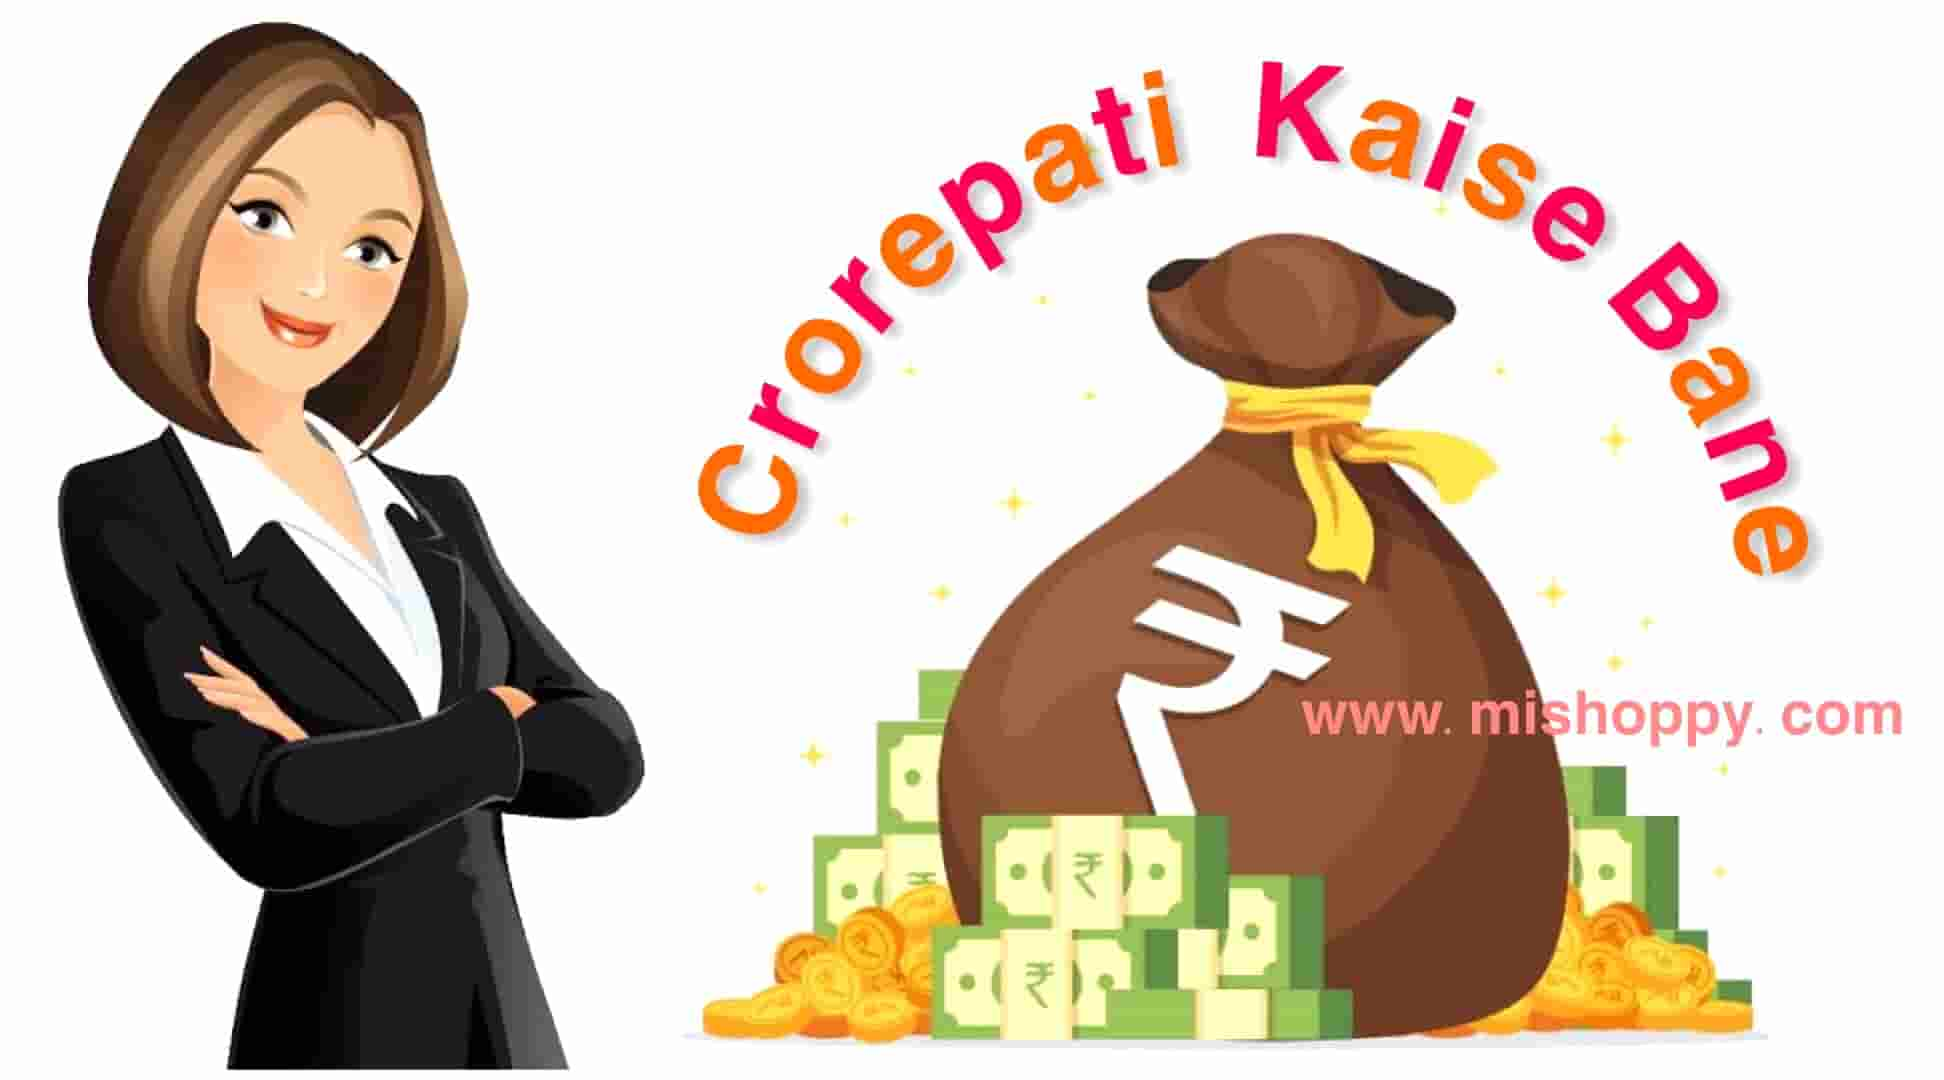 Crorepati kaise bane - करोड़पति कैसे बने